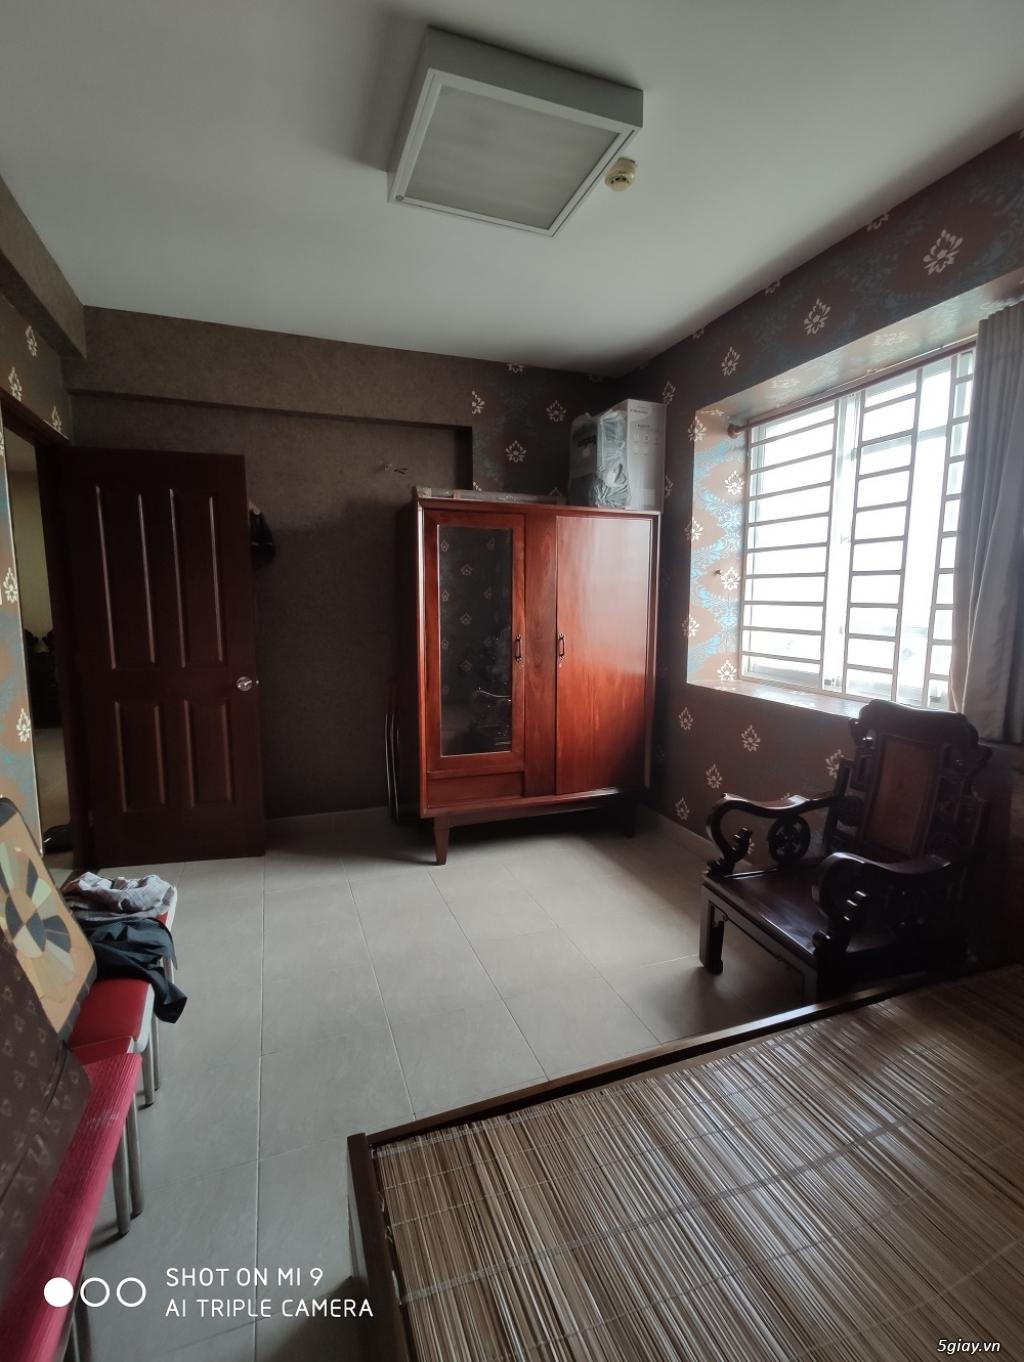 Chính chủ bán căn hộ chung cư  Q8 Phú Lợi D1 ,71m2, 2PN, sổ hồng - 4